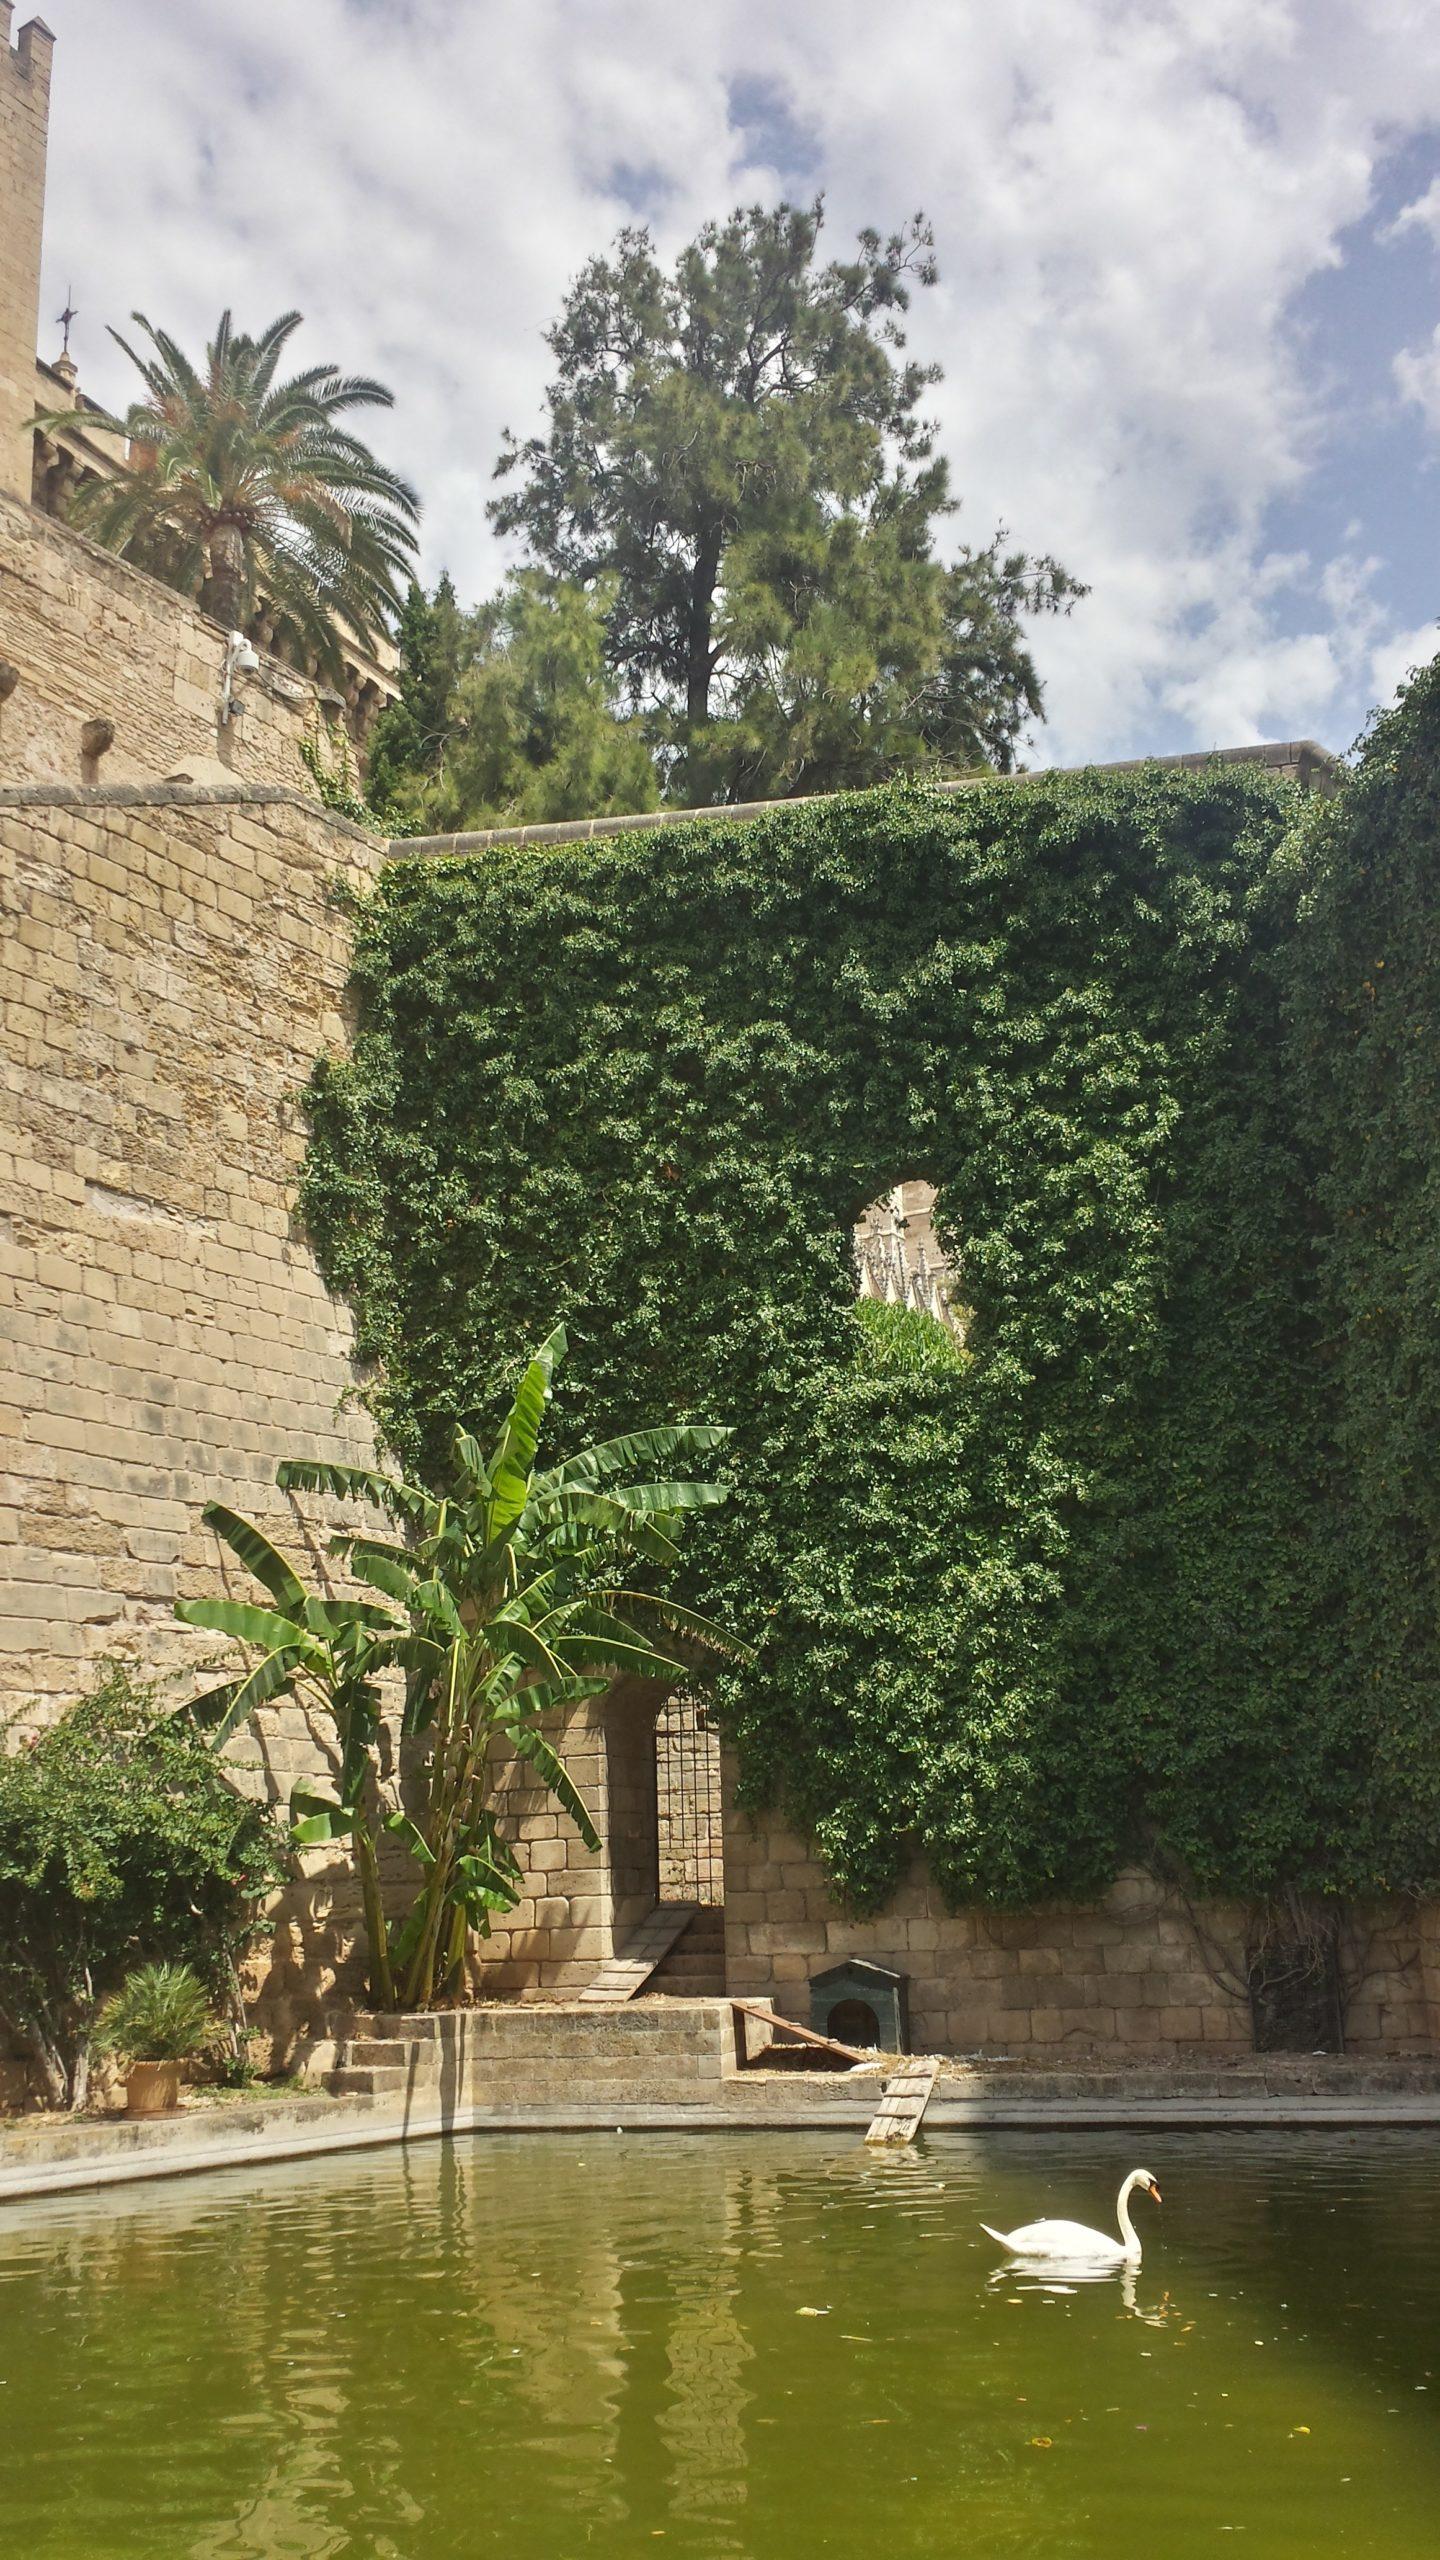 Kleine paradisische Ecke in Palma de Mallorca